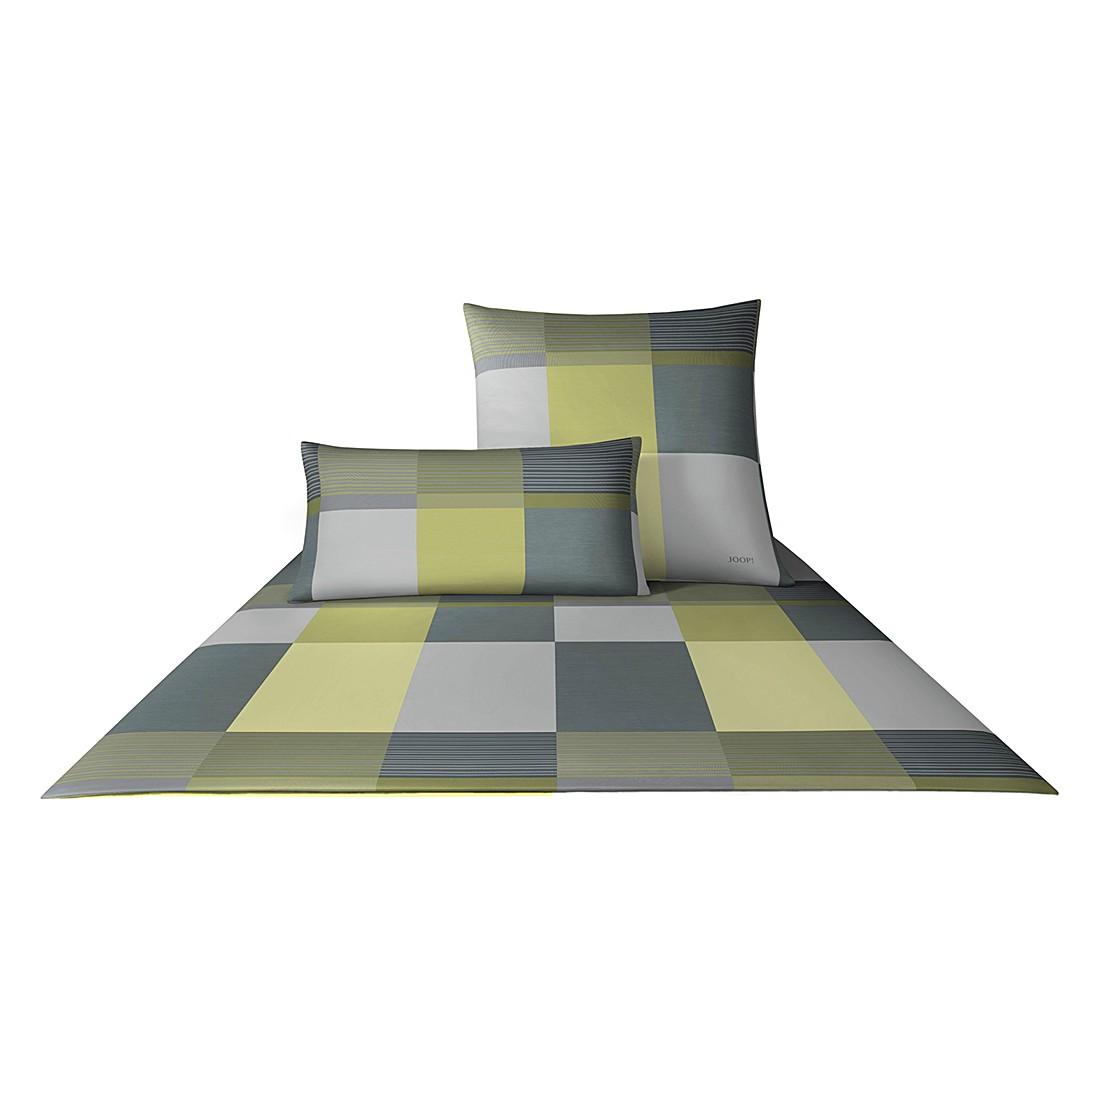 Bettwaesche Mako-Satin Plaza Squares – 100% Baumwolle Limone – 04 – 80 x 80 cm – 155 x 220 cm, Joop günstig bestellen